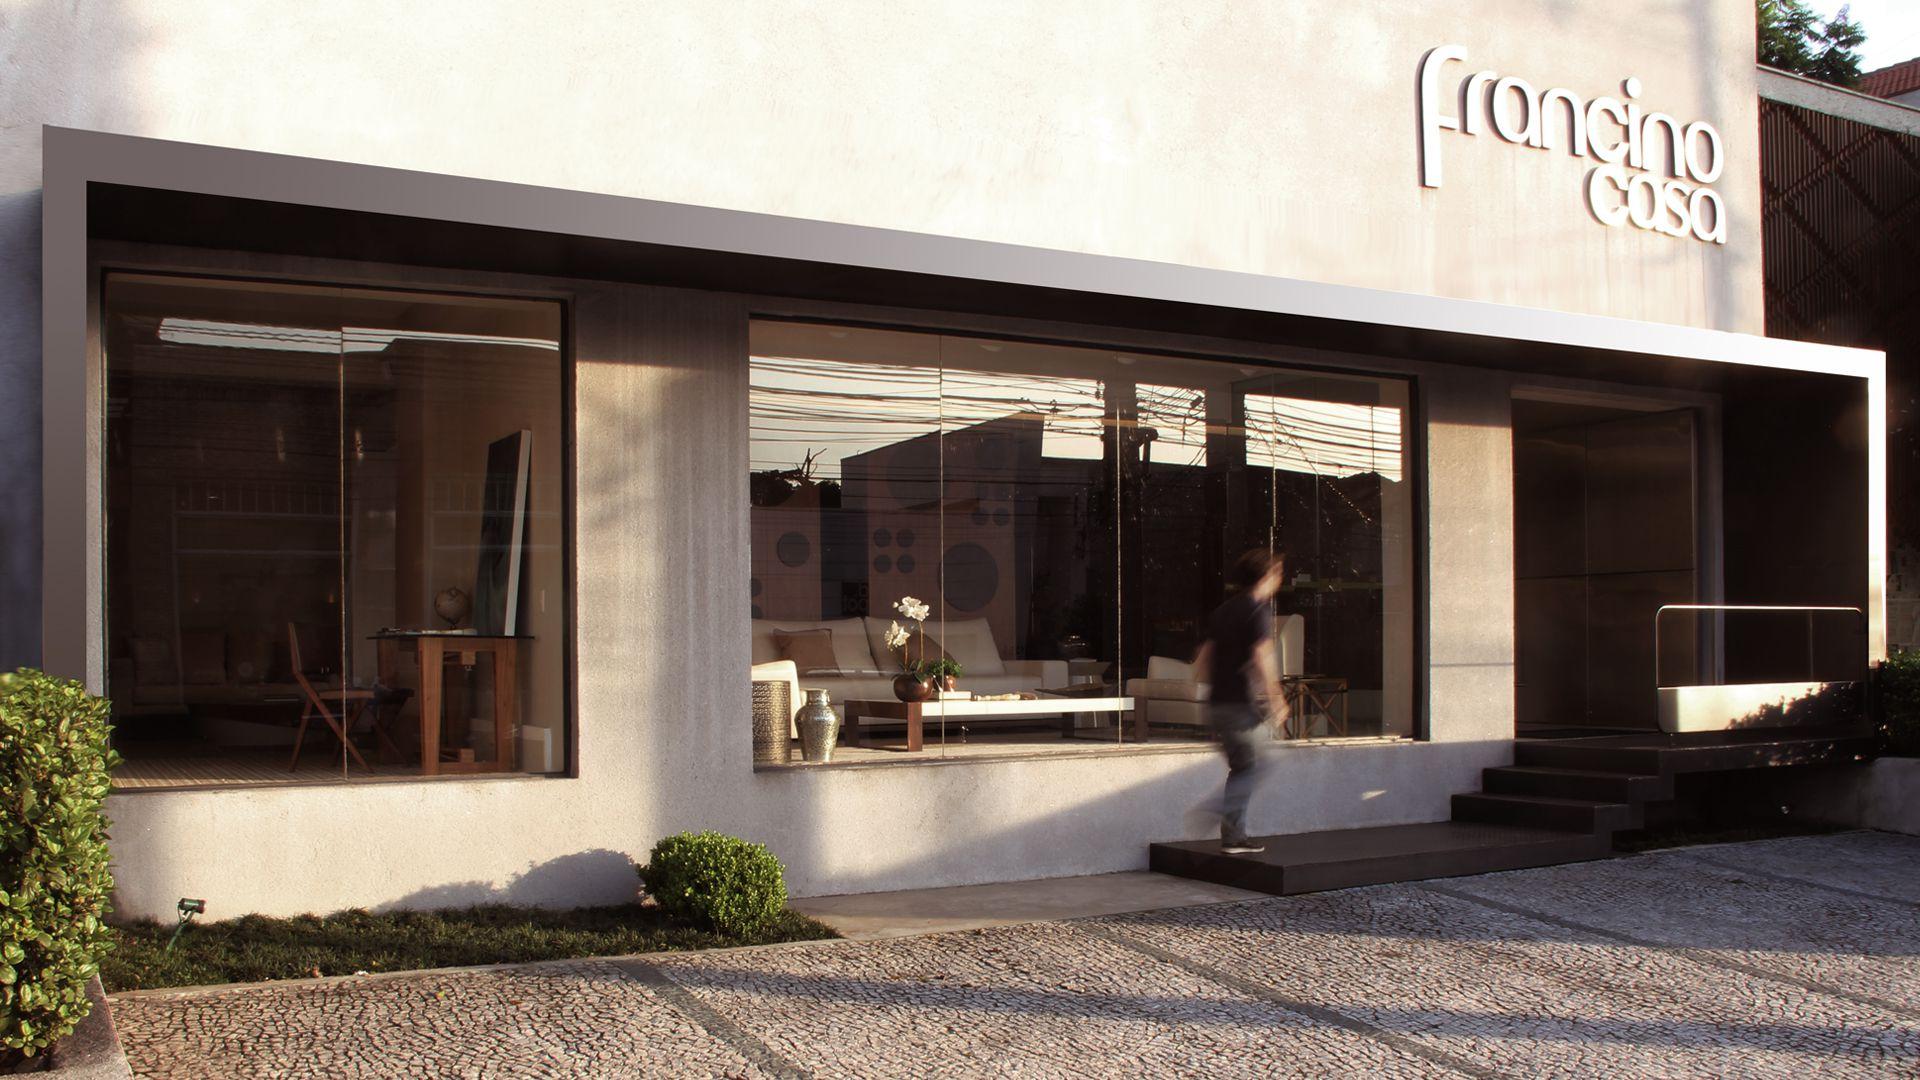 francino-casa-foto-proposta-1